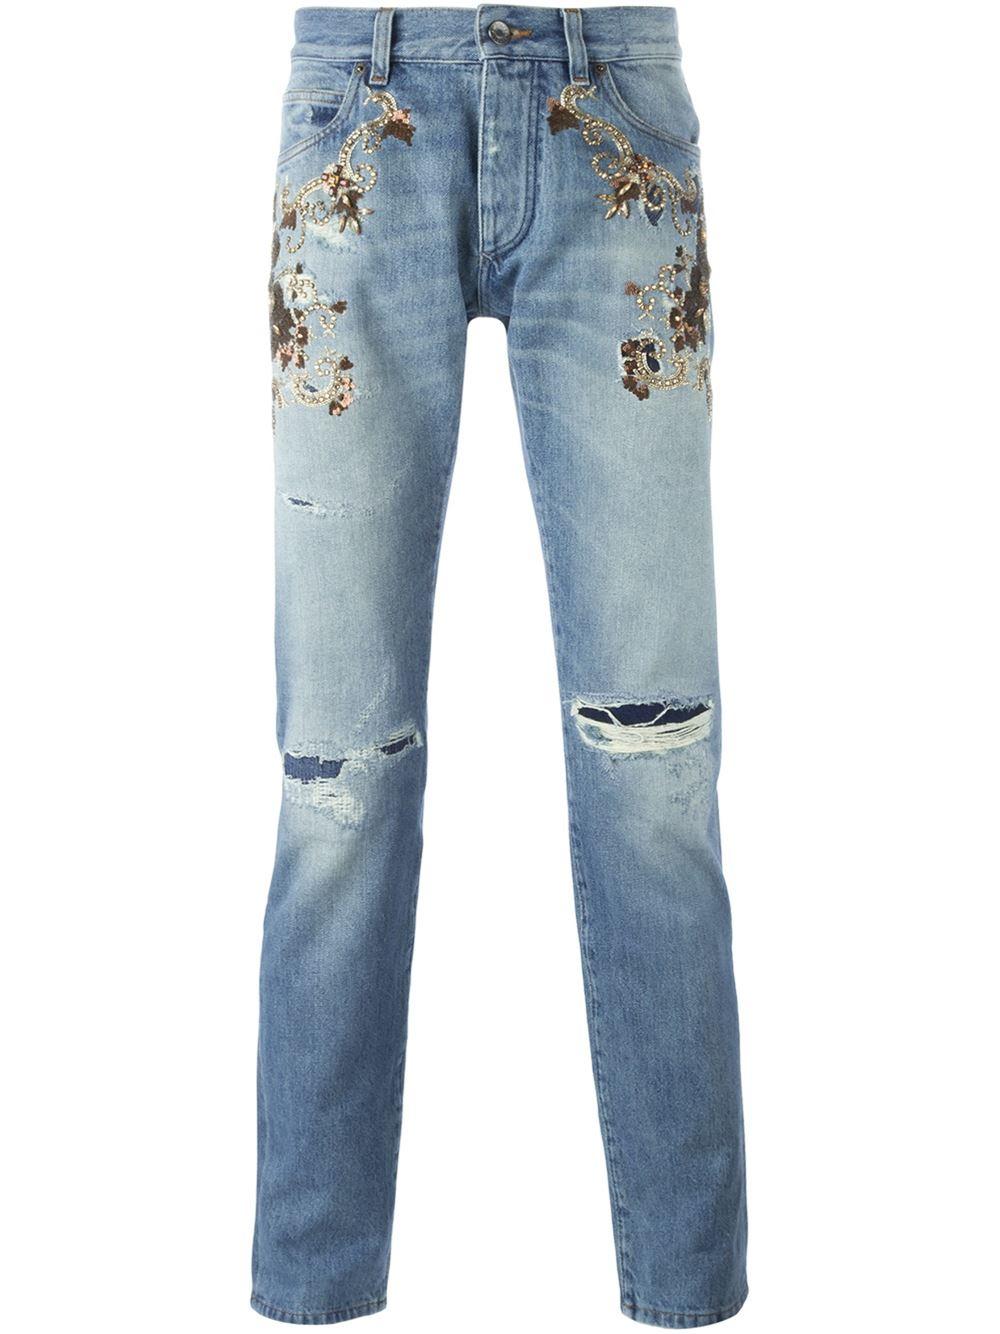 dolce gabbana embroidered embellished jeans men. Black Bedroom Furniture Sets. Home Design Ideas